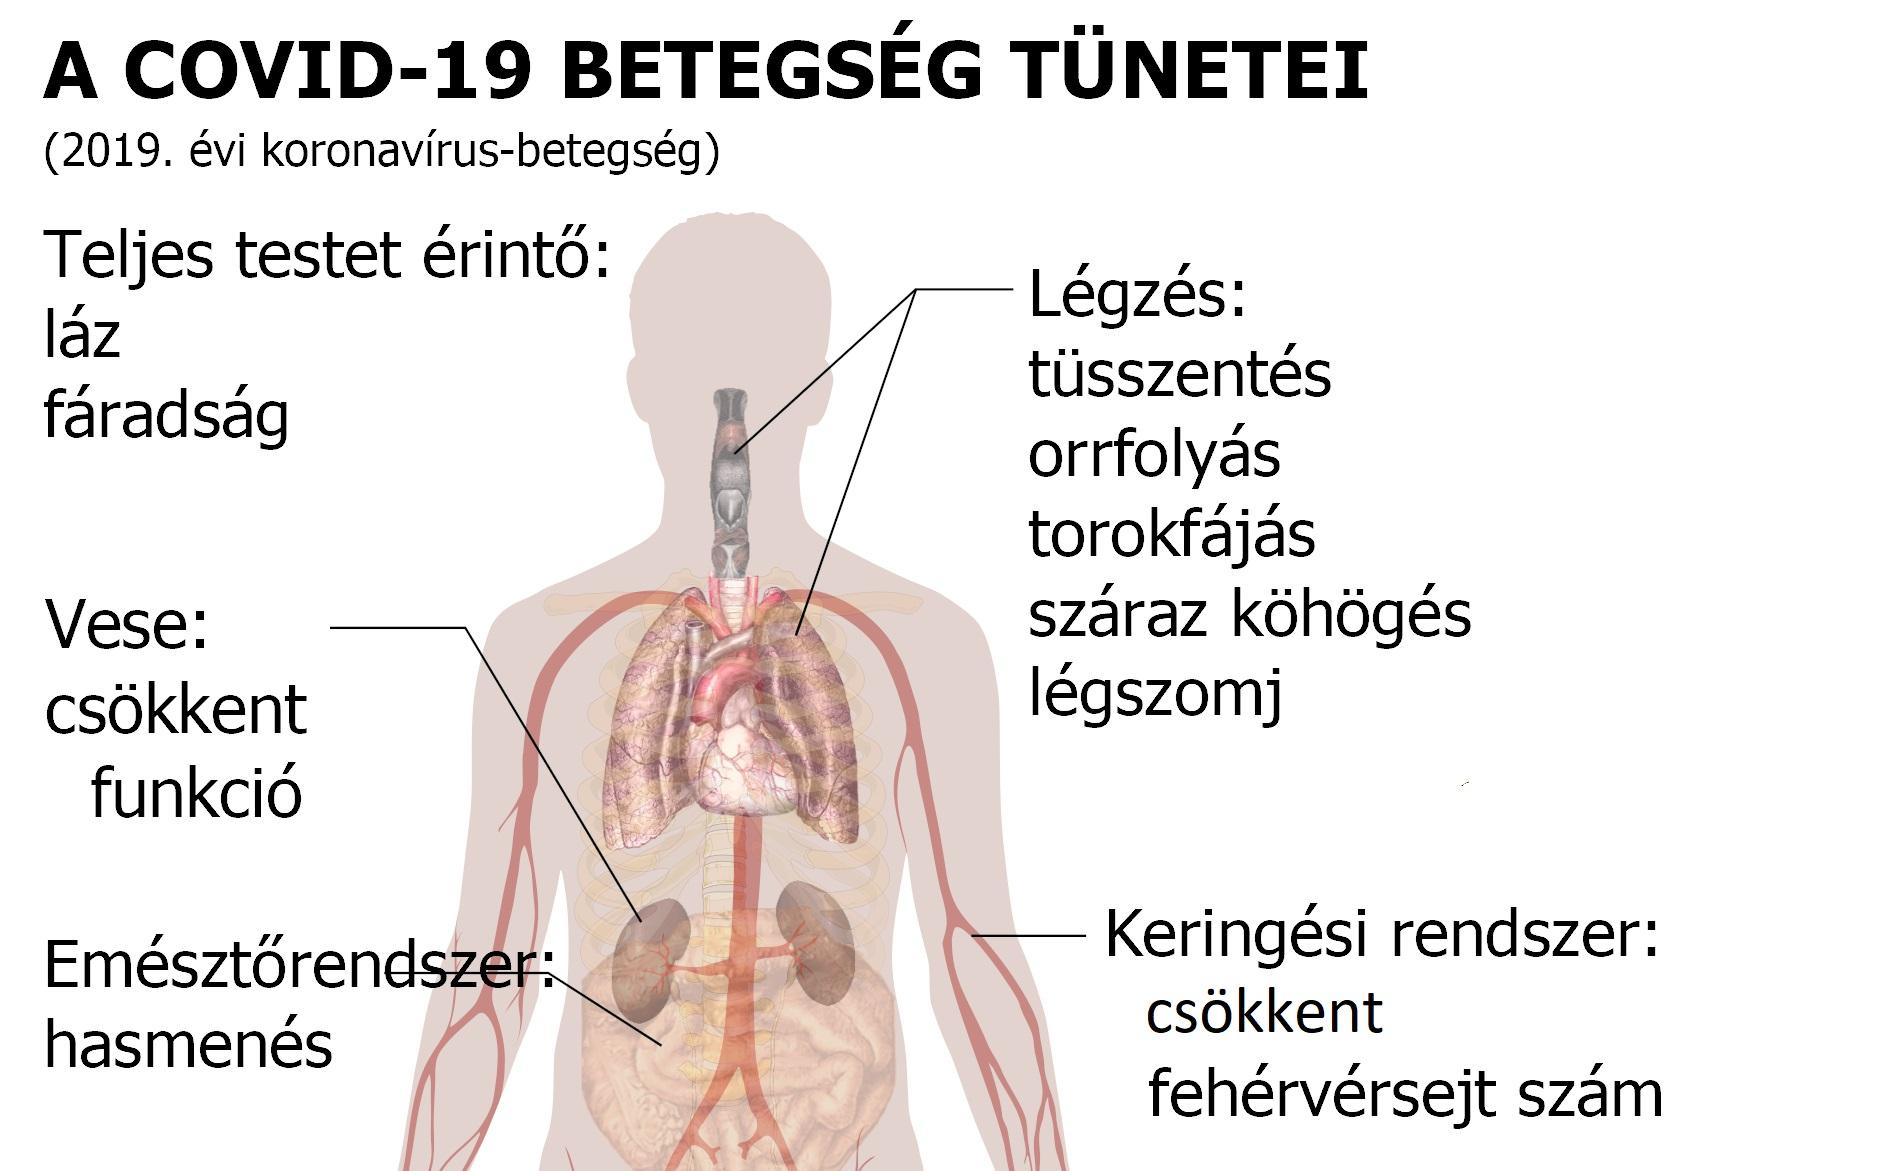 Nehézlégzés 19 oka, 6 tünete és kezelése 3 lépésben [teljes]